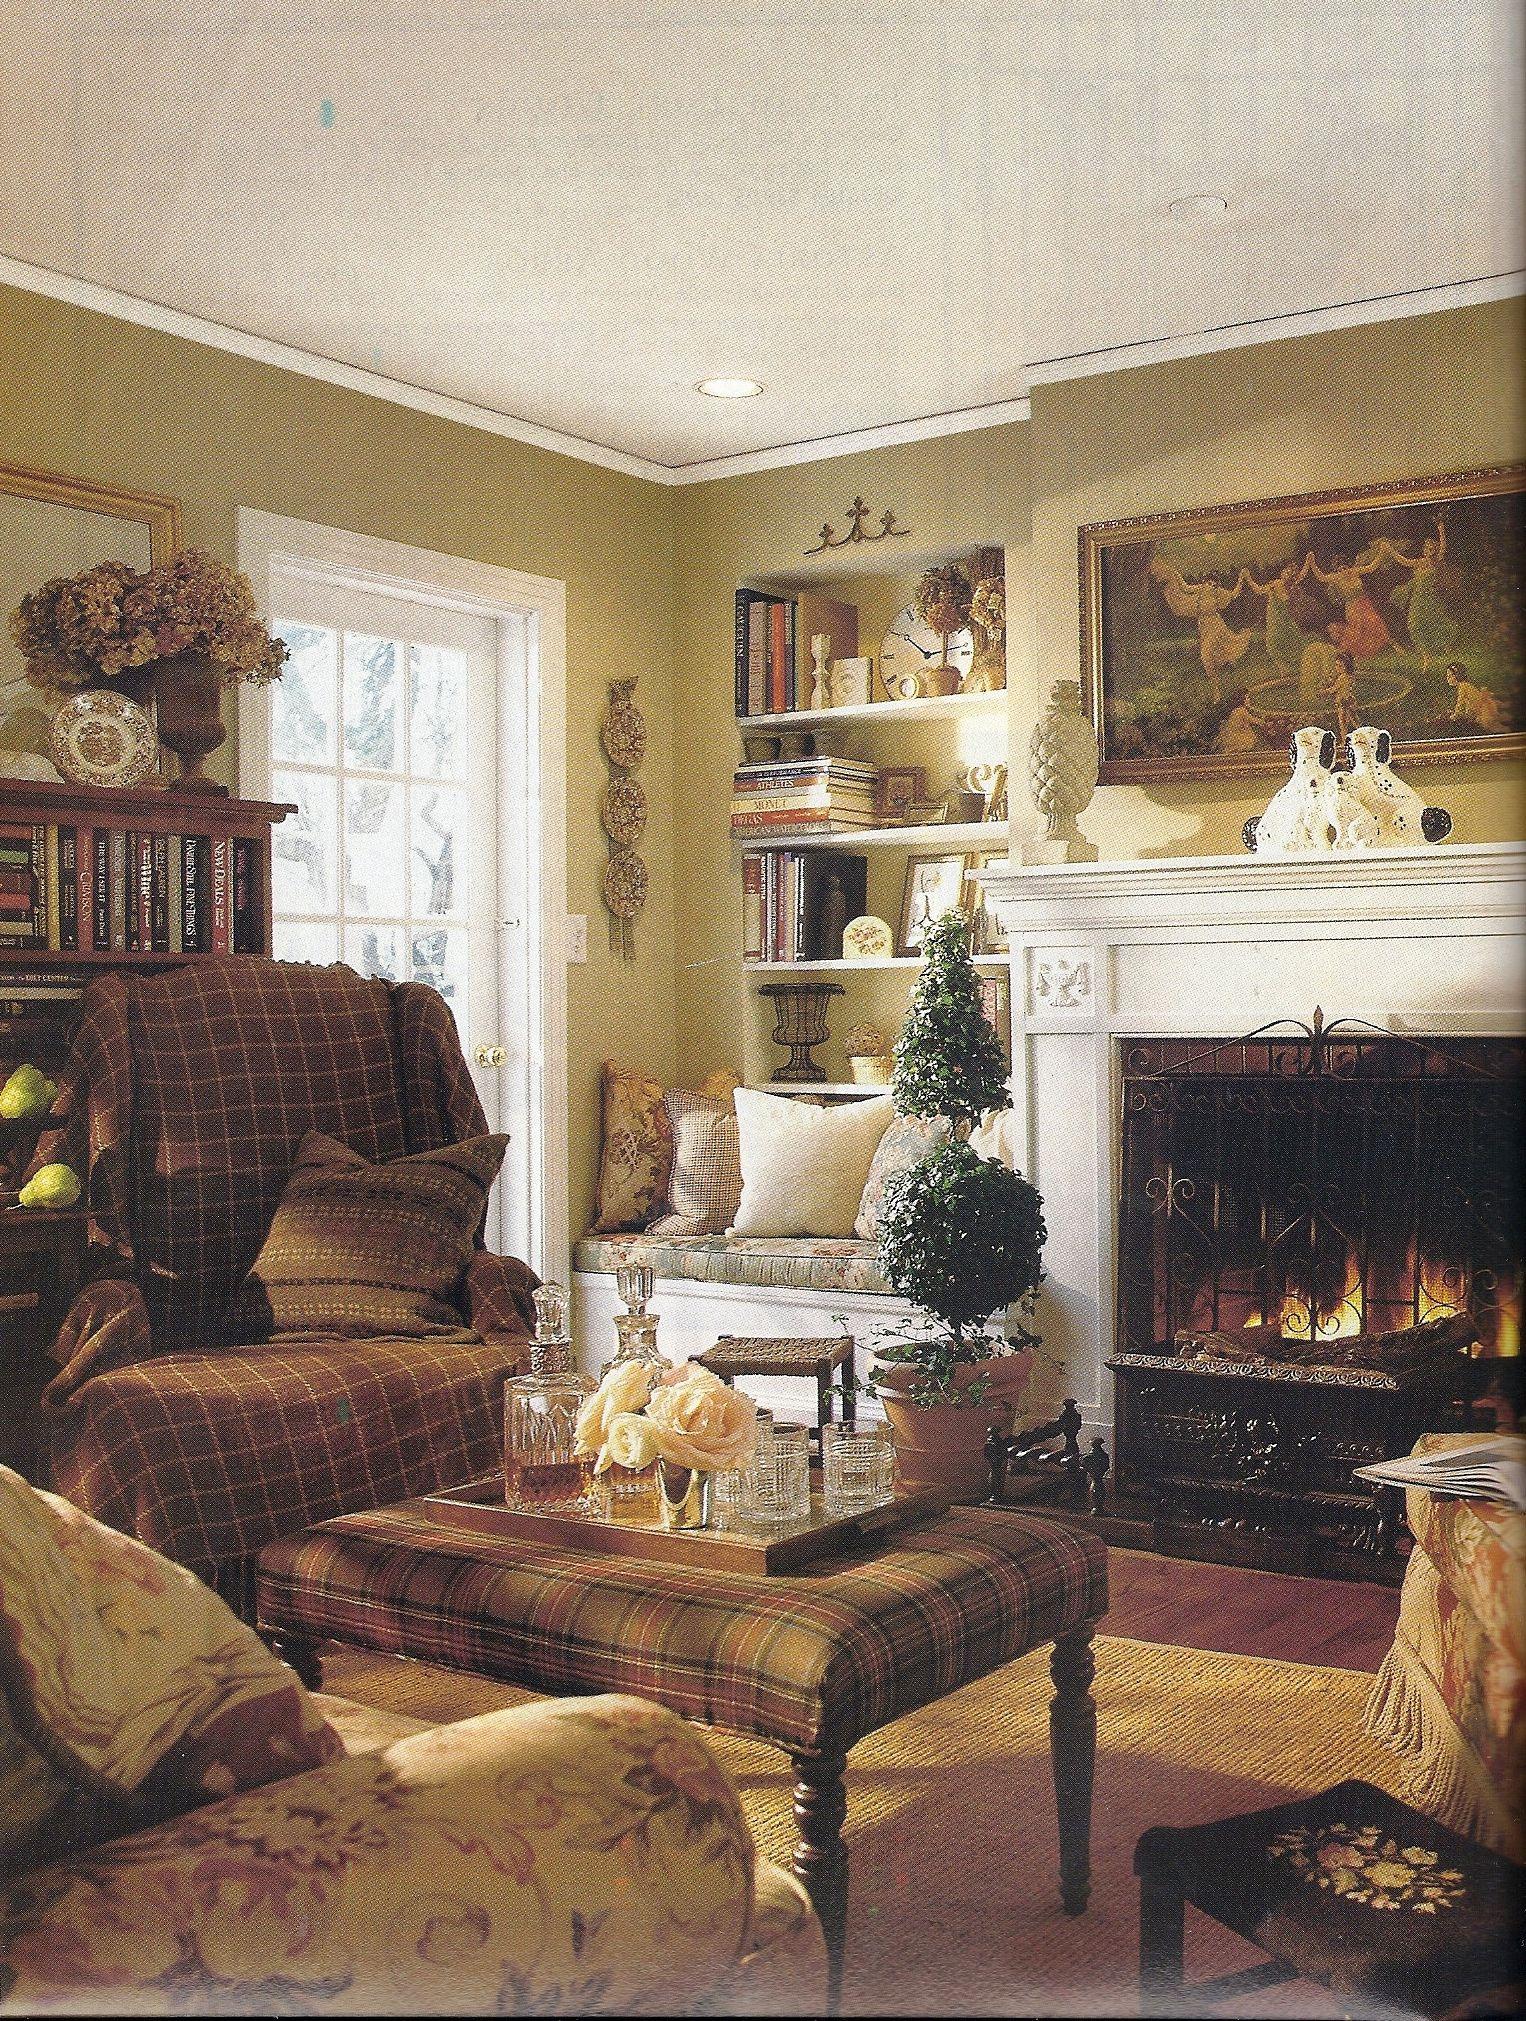 Muted Tartan in a cozy fireside room